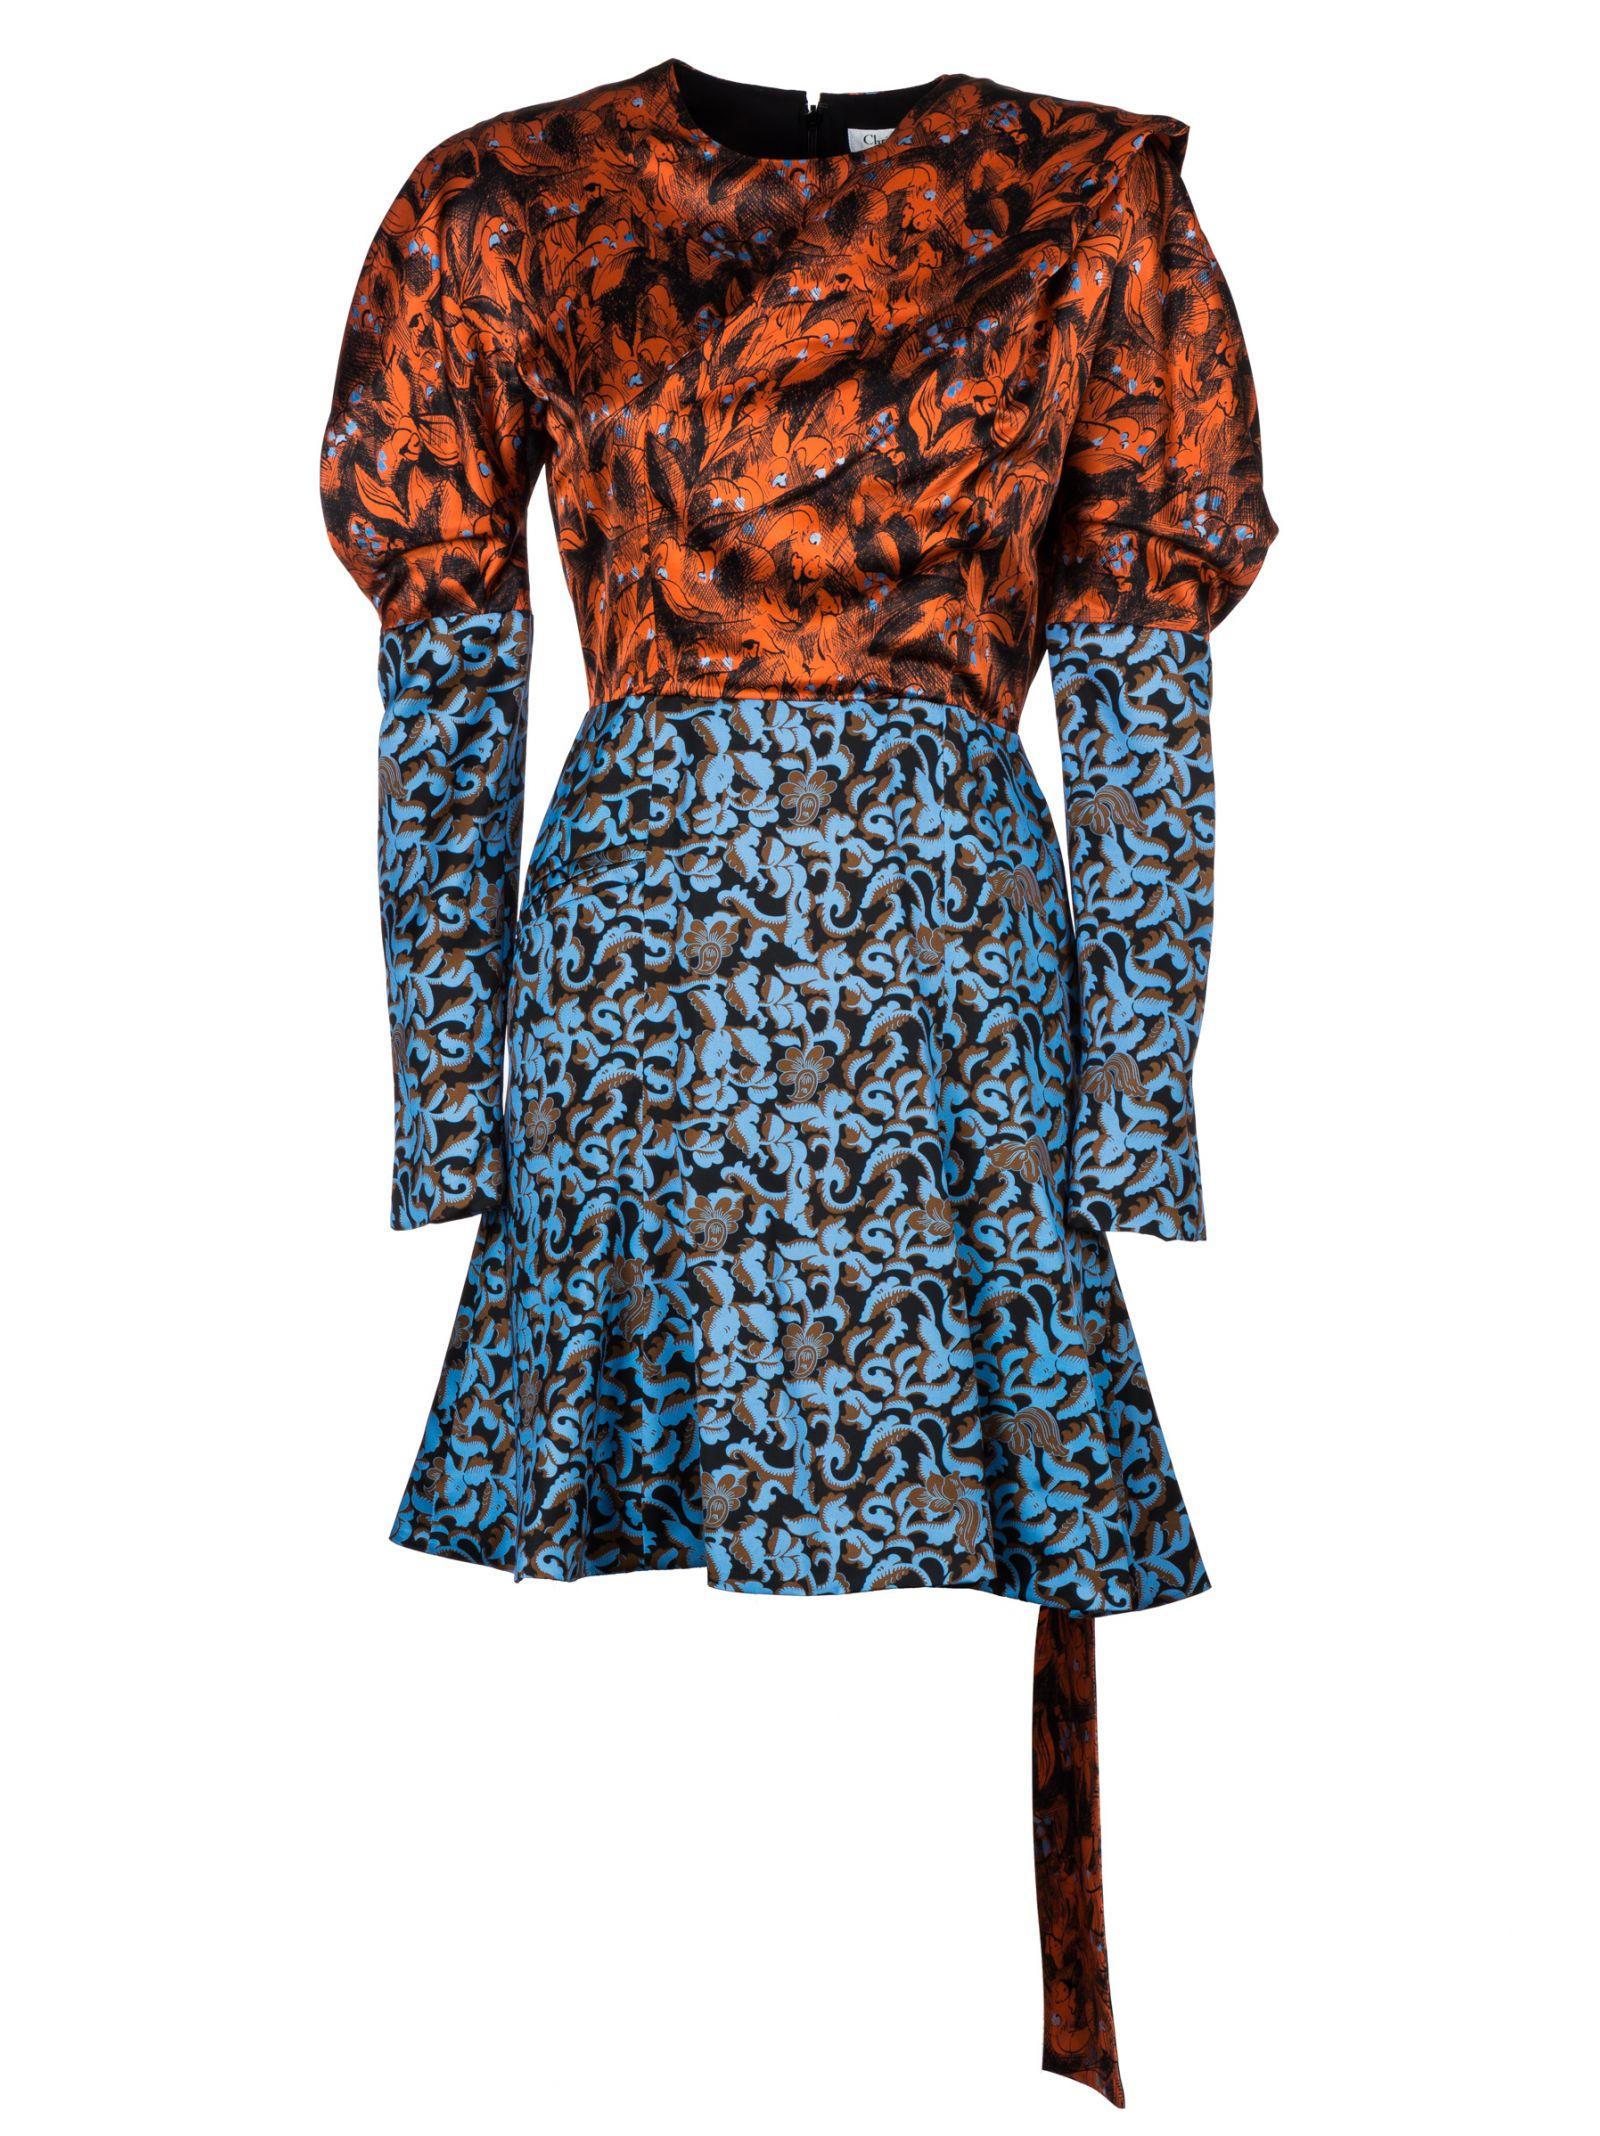 Christian Dior Flower Dress